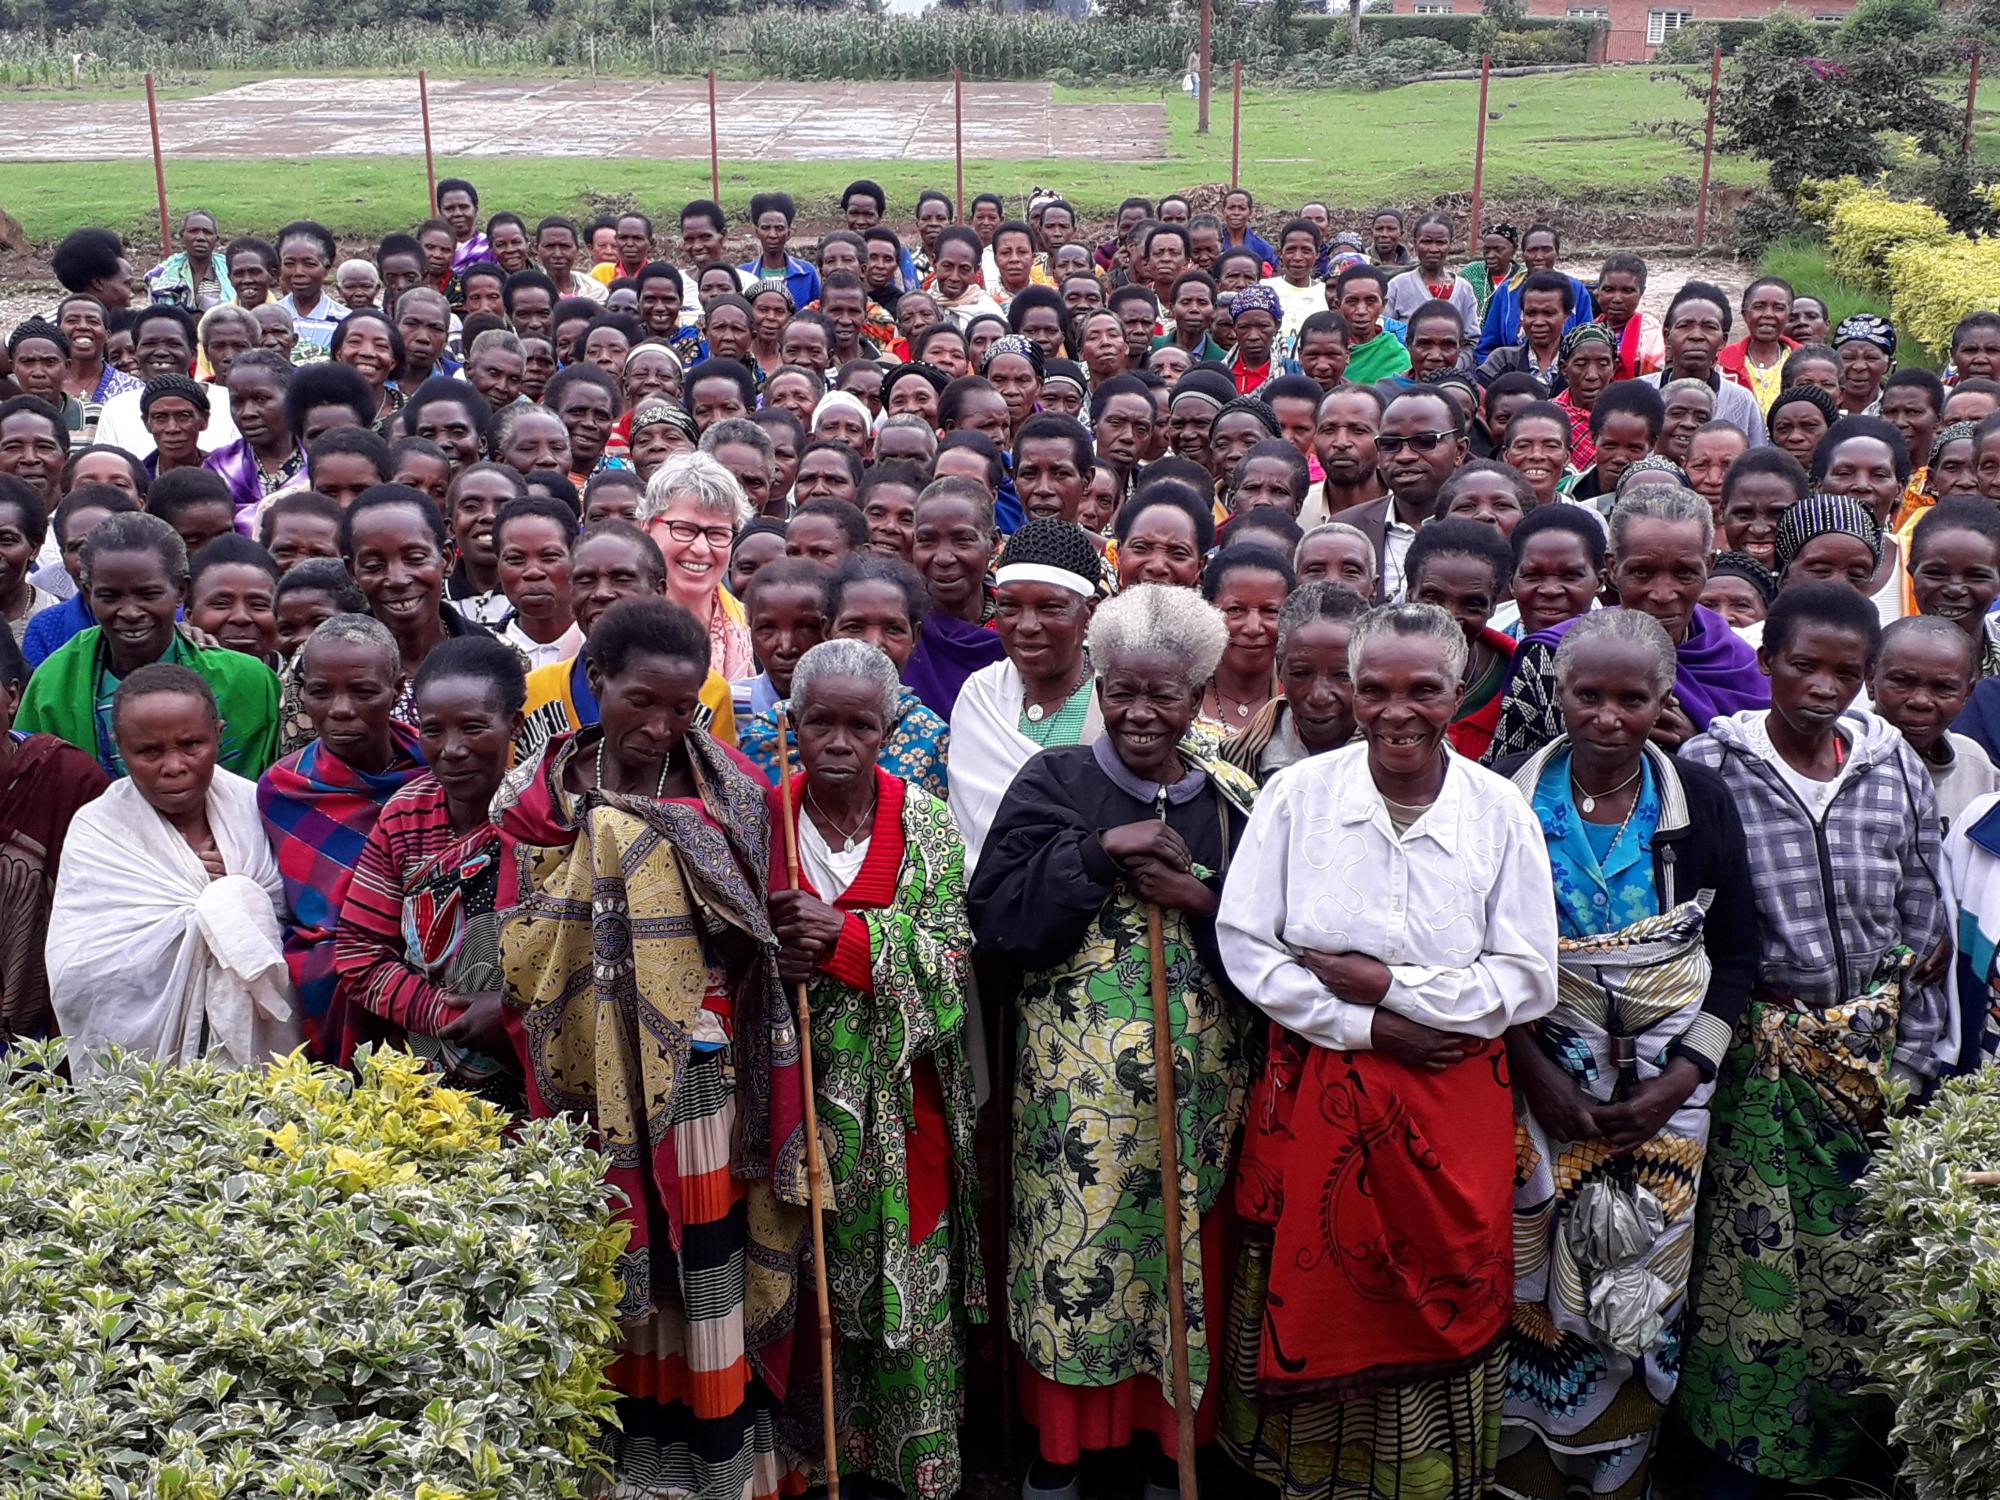 News_2019-Ruanda-Jan-2018-332